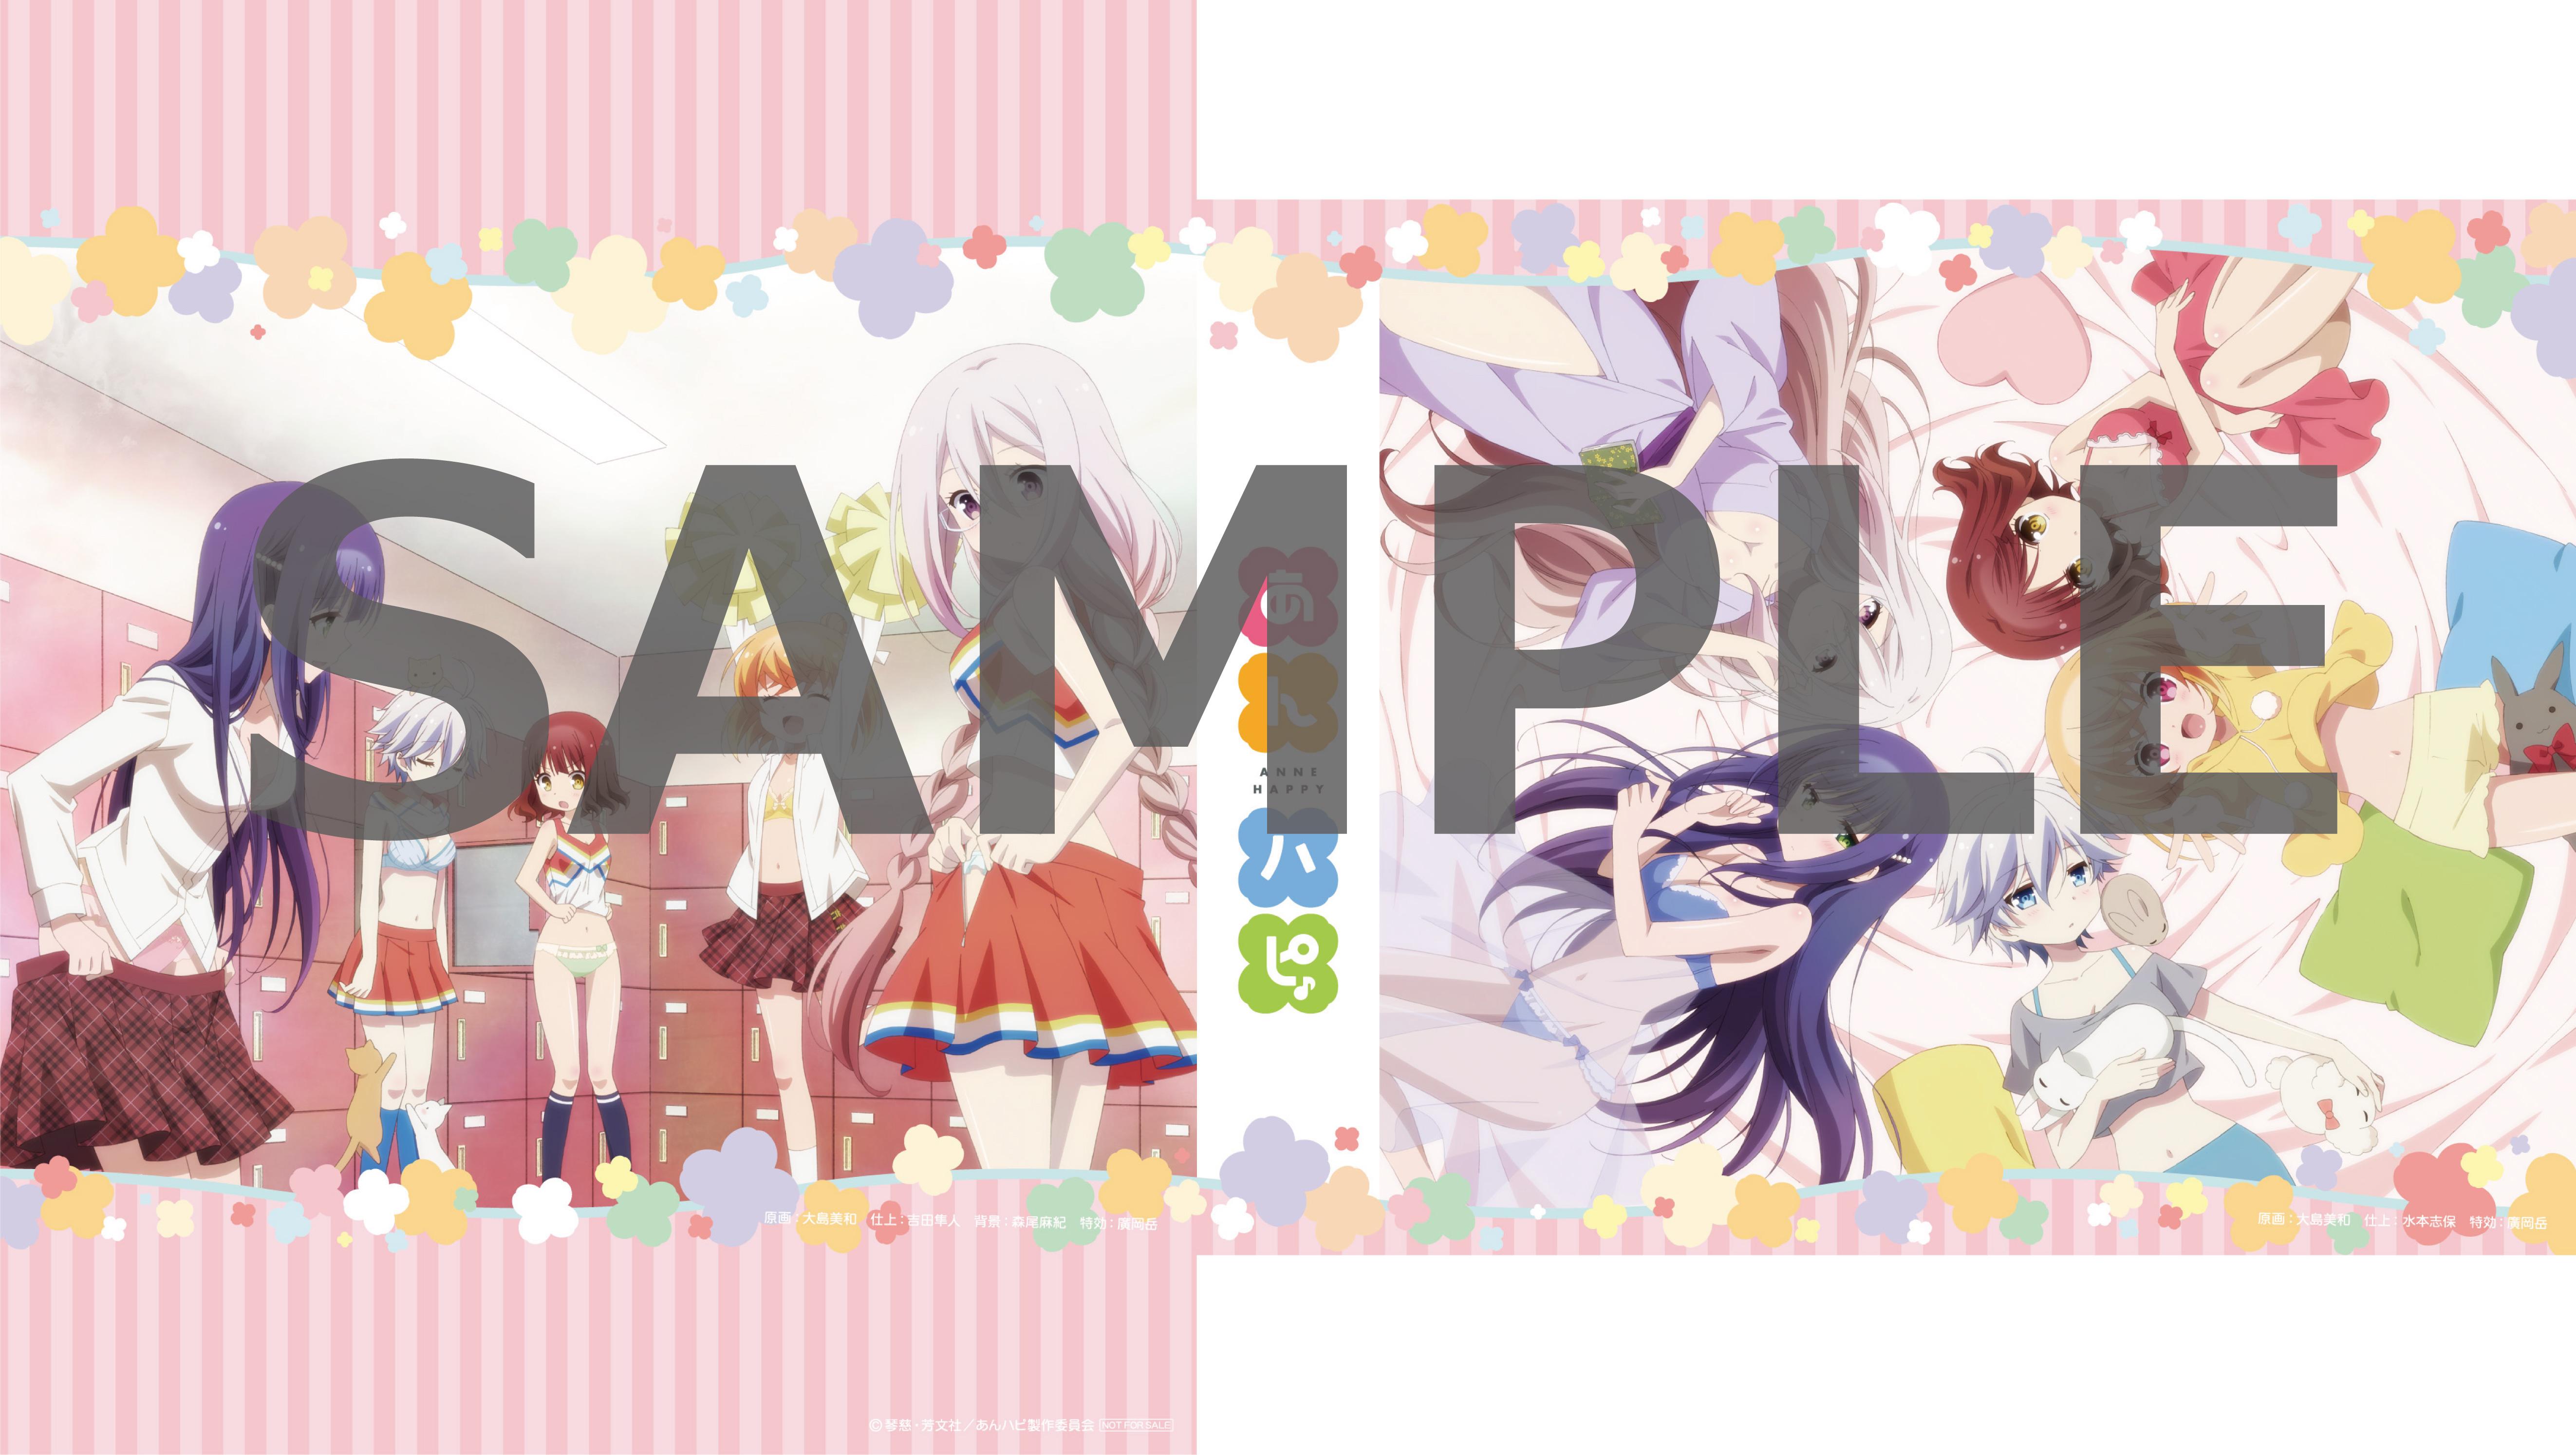 ソフマップ(音楽CD取扱店・ドットコム含む)※一部店舗除く